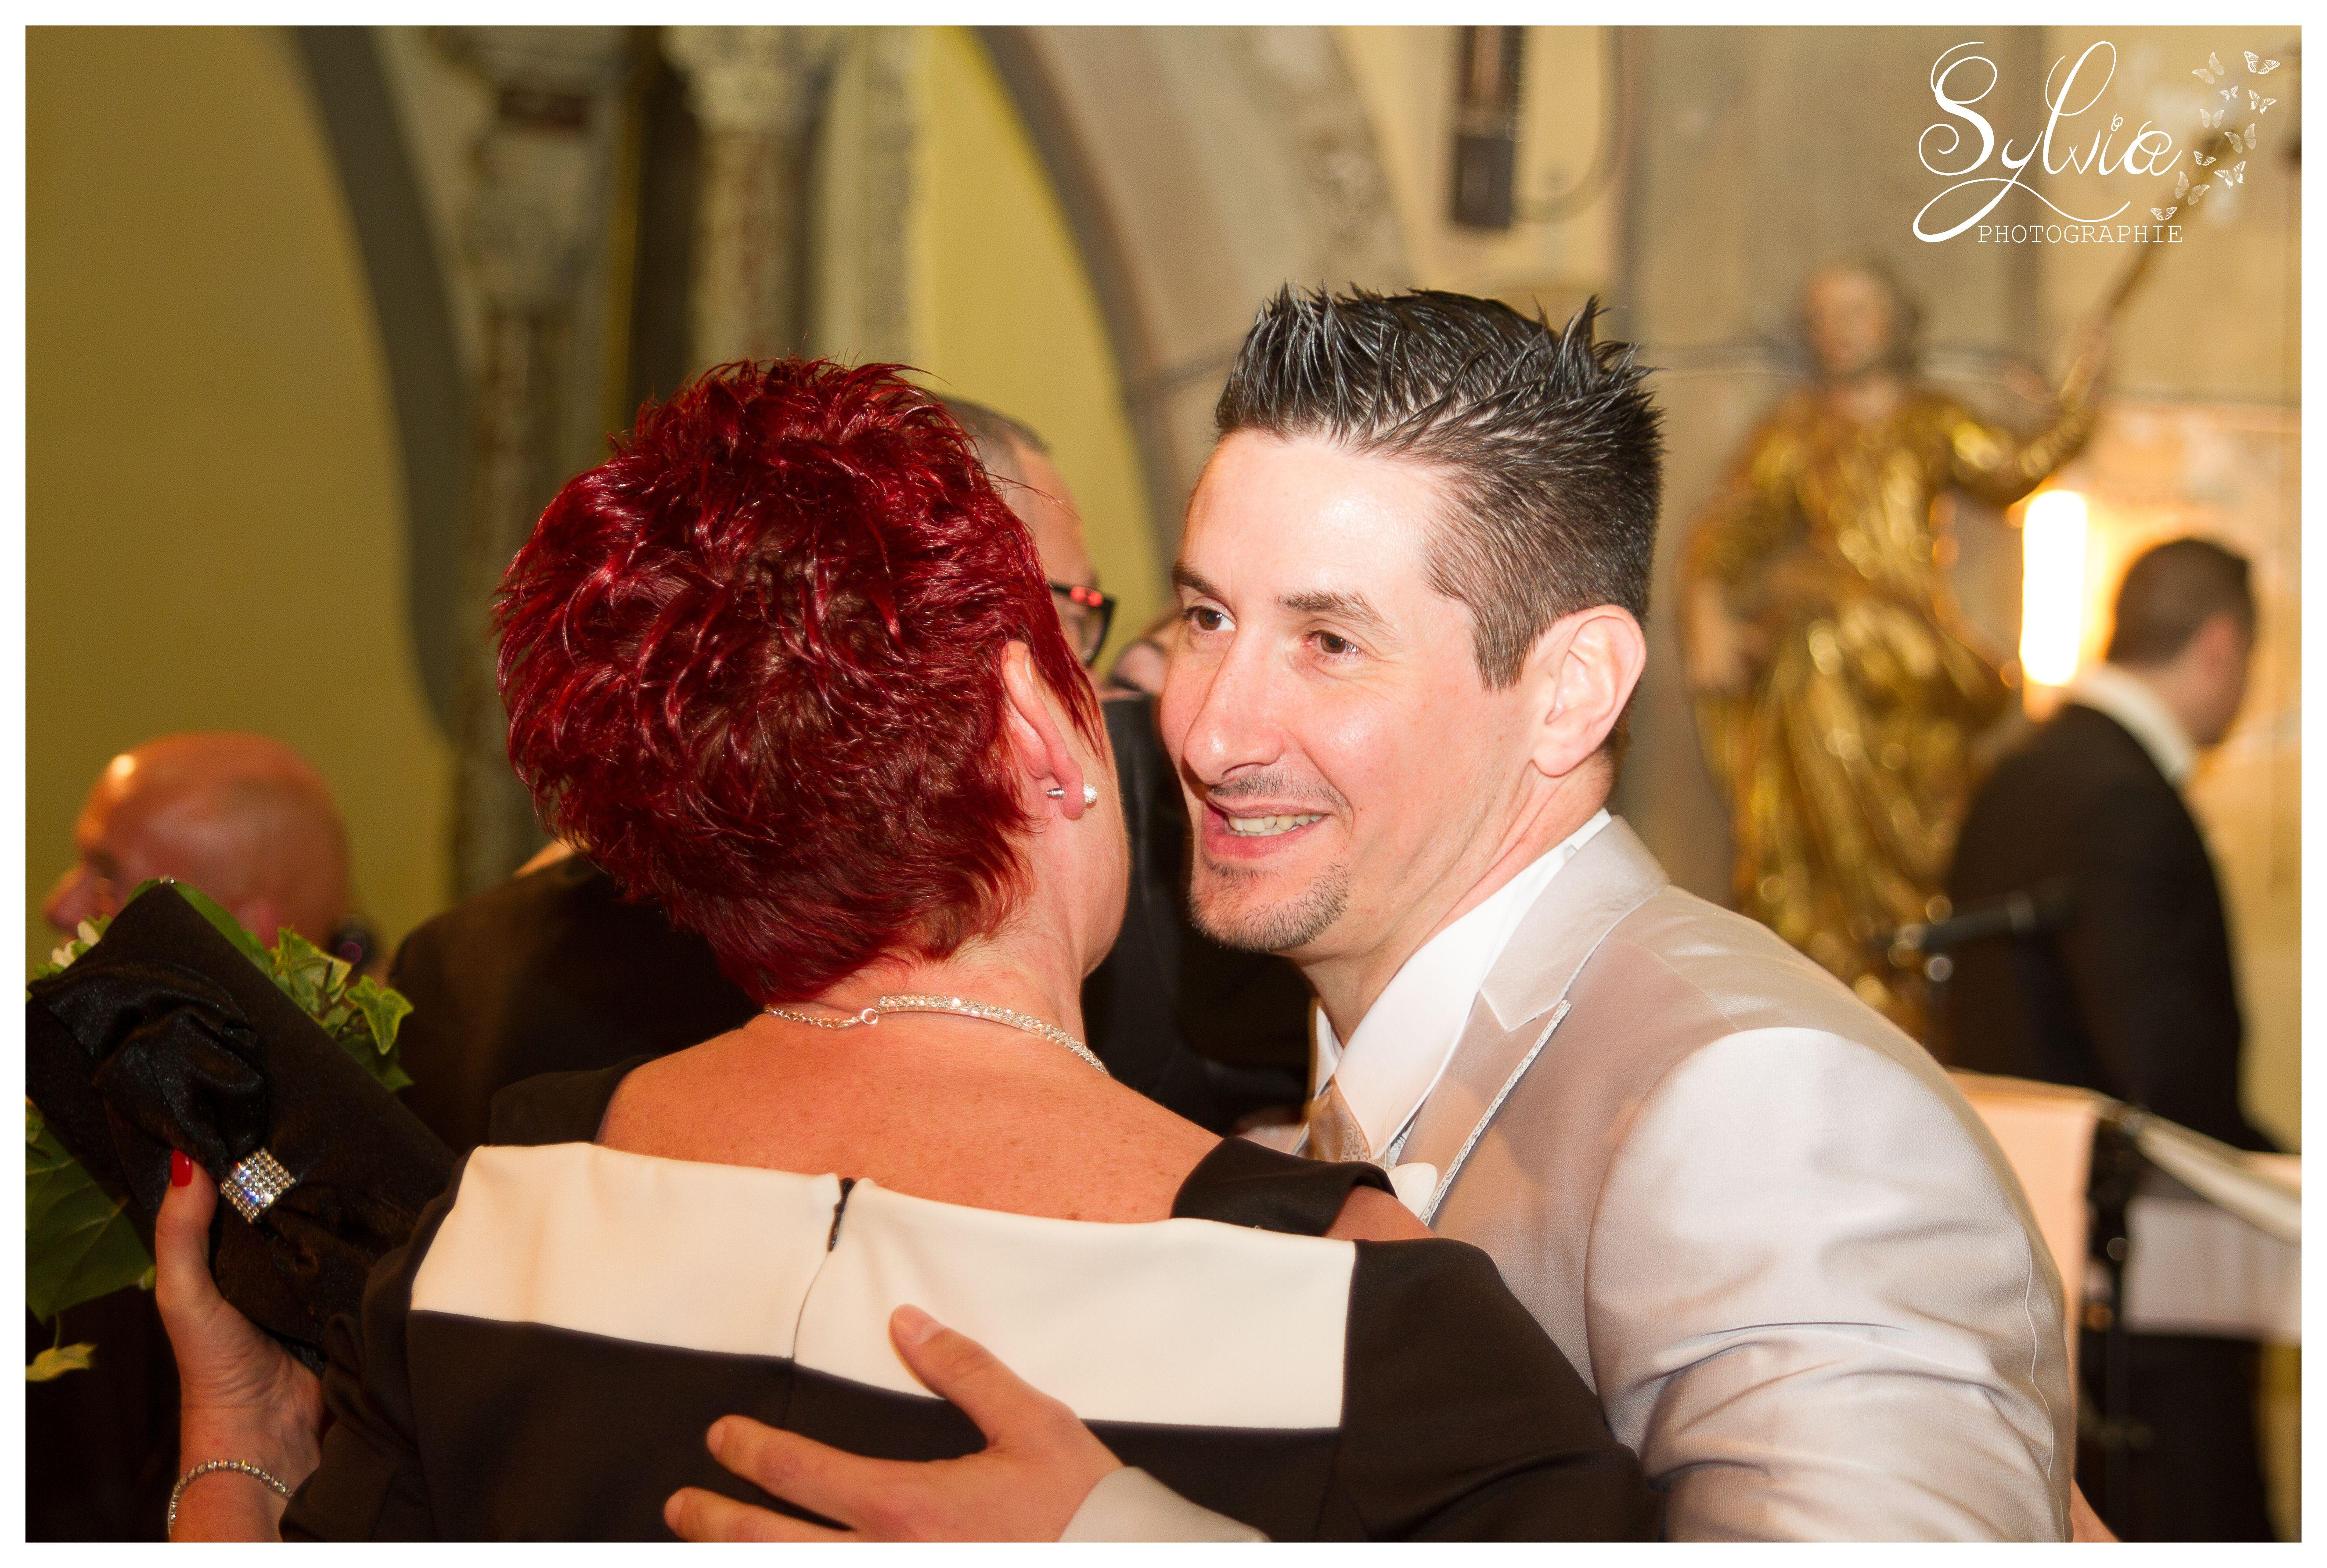 mariage jennifer et loic  - sylvia photographie -5711bis